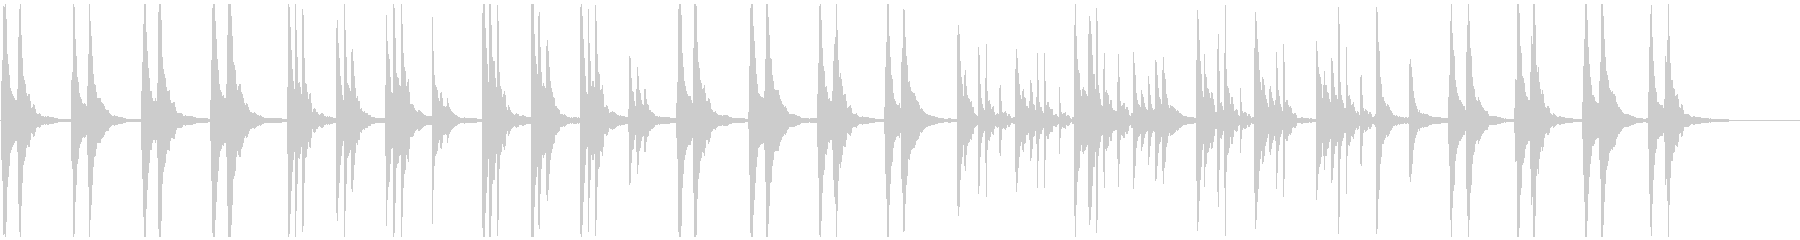 ピアノヒーリング 和風 月夜 紅葉 水面の未再生の波形